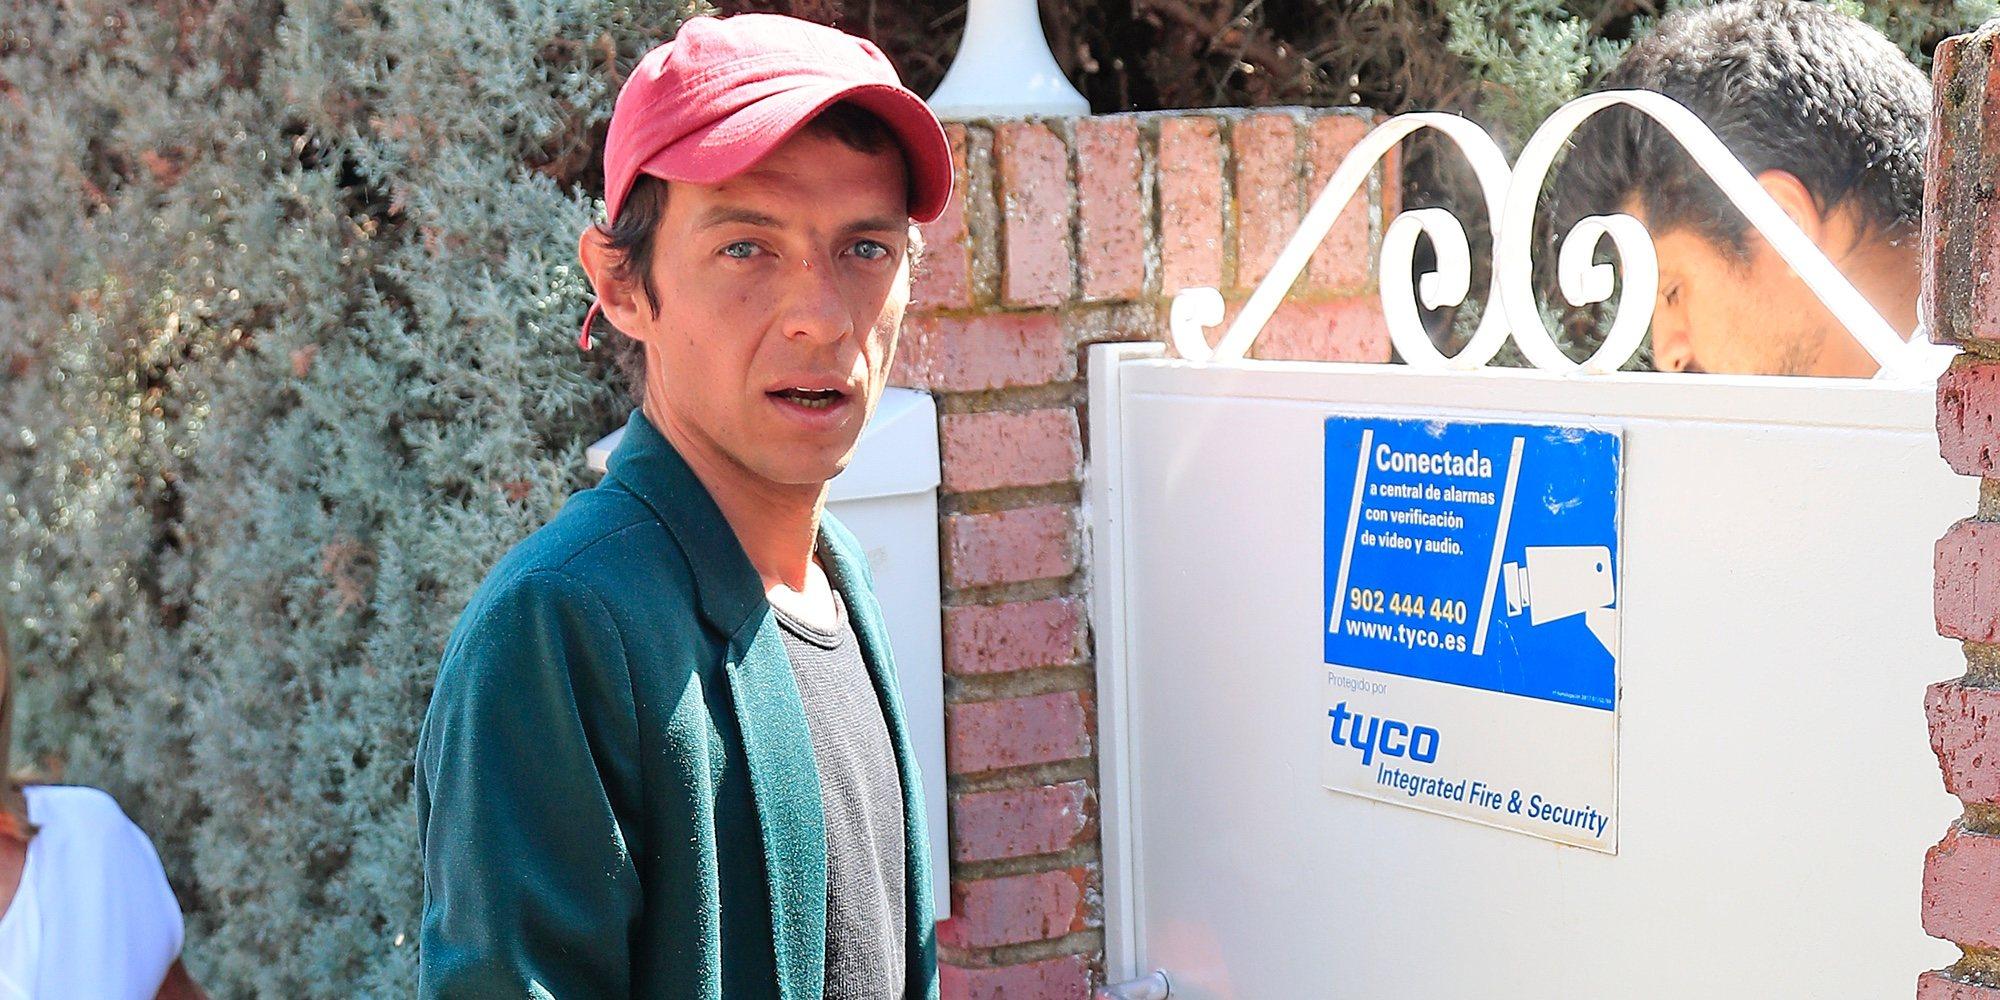 Camilo Blanes se presenta en casa de su padre, Camilo Sesto, como heredero universal